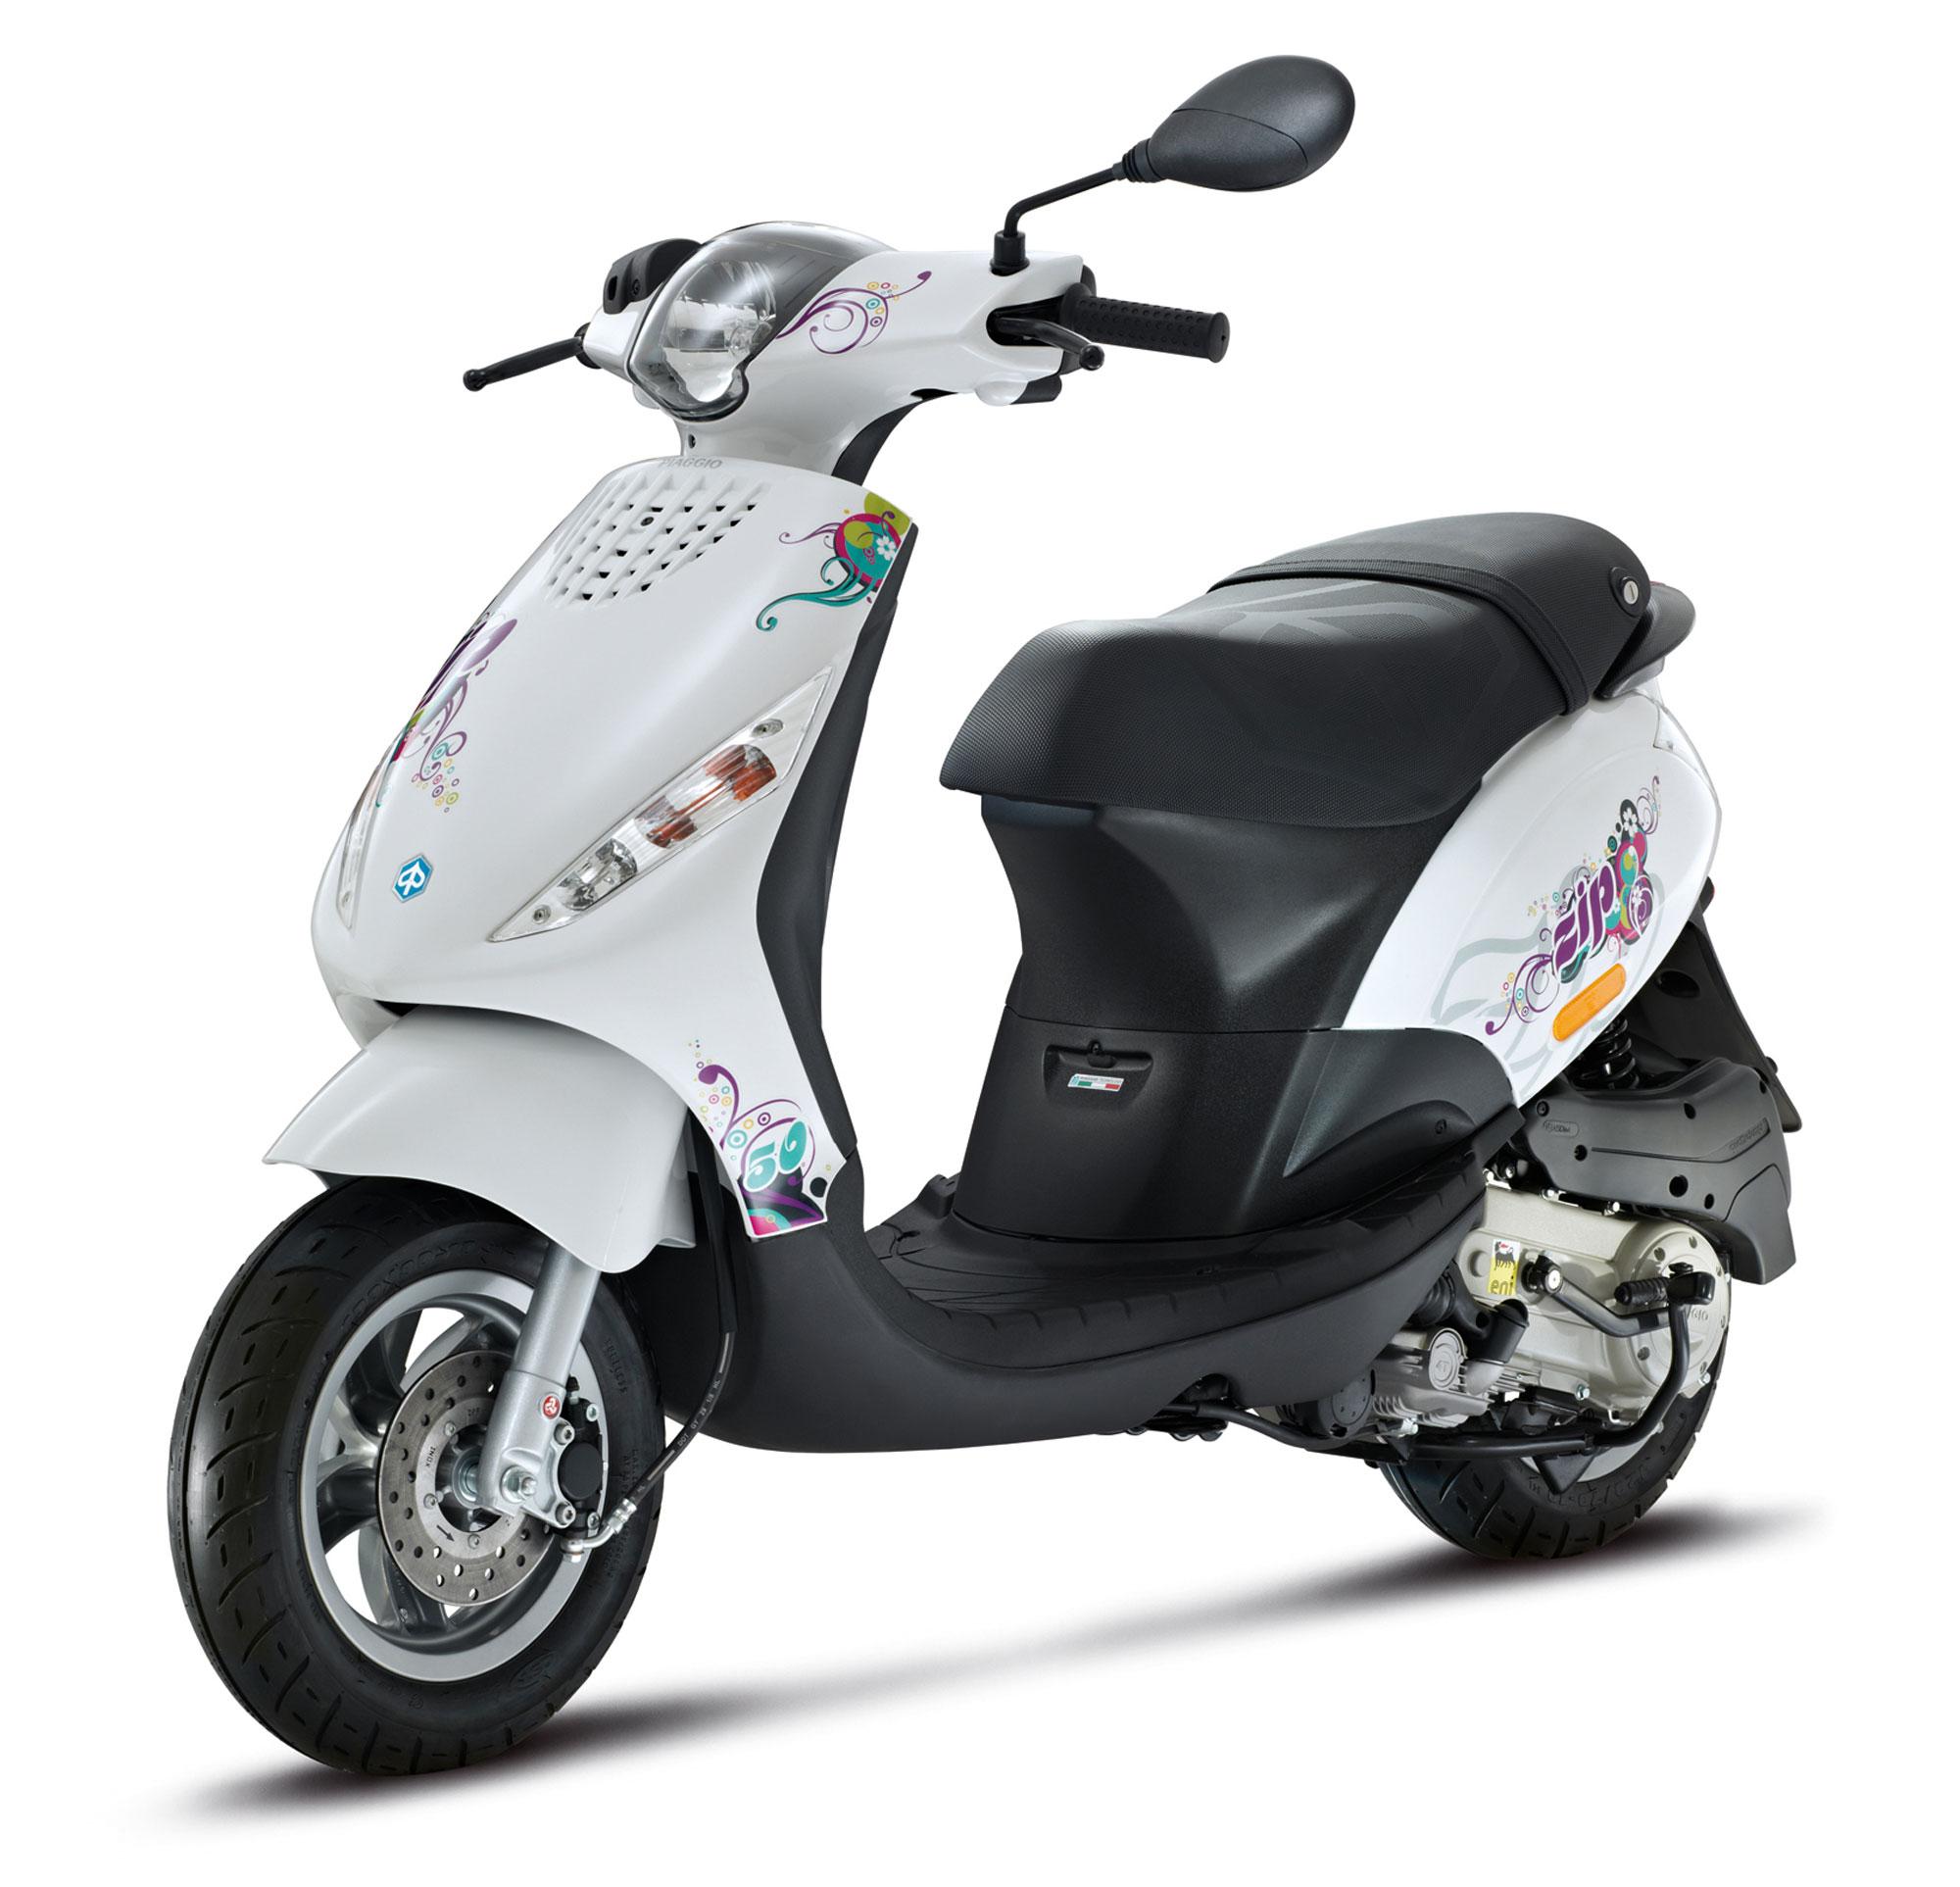 Piaggio Zip 50 Special Edition 2 Stroke 2011 2012